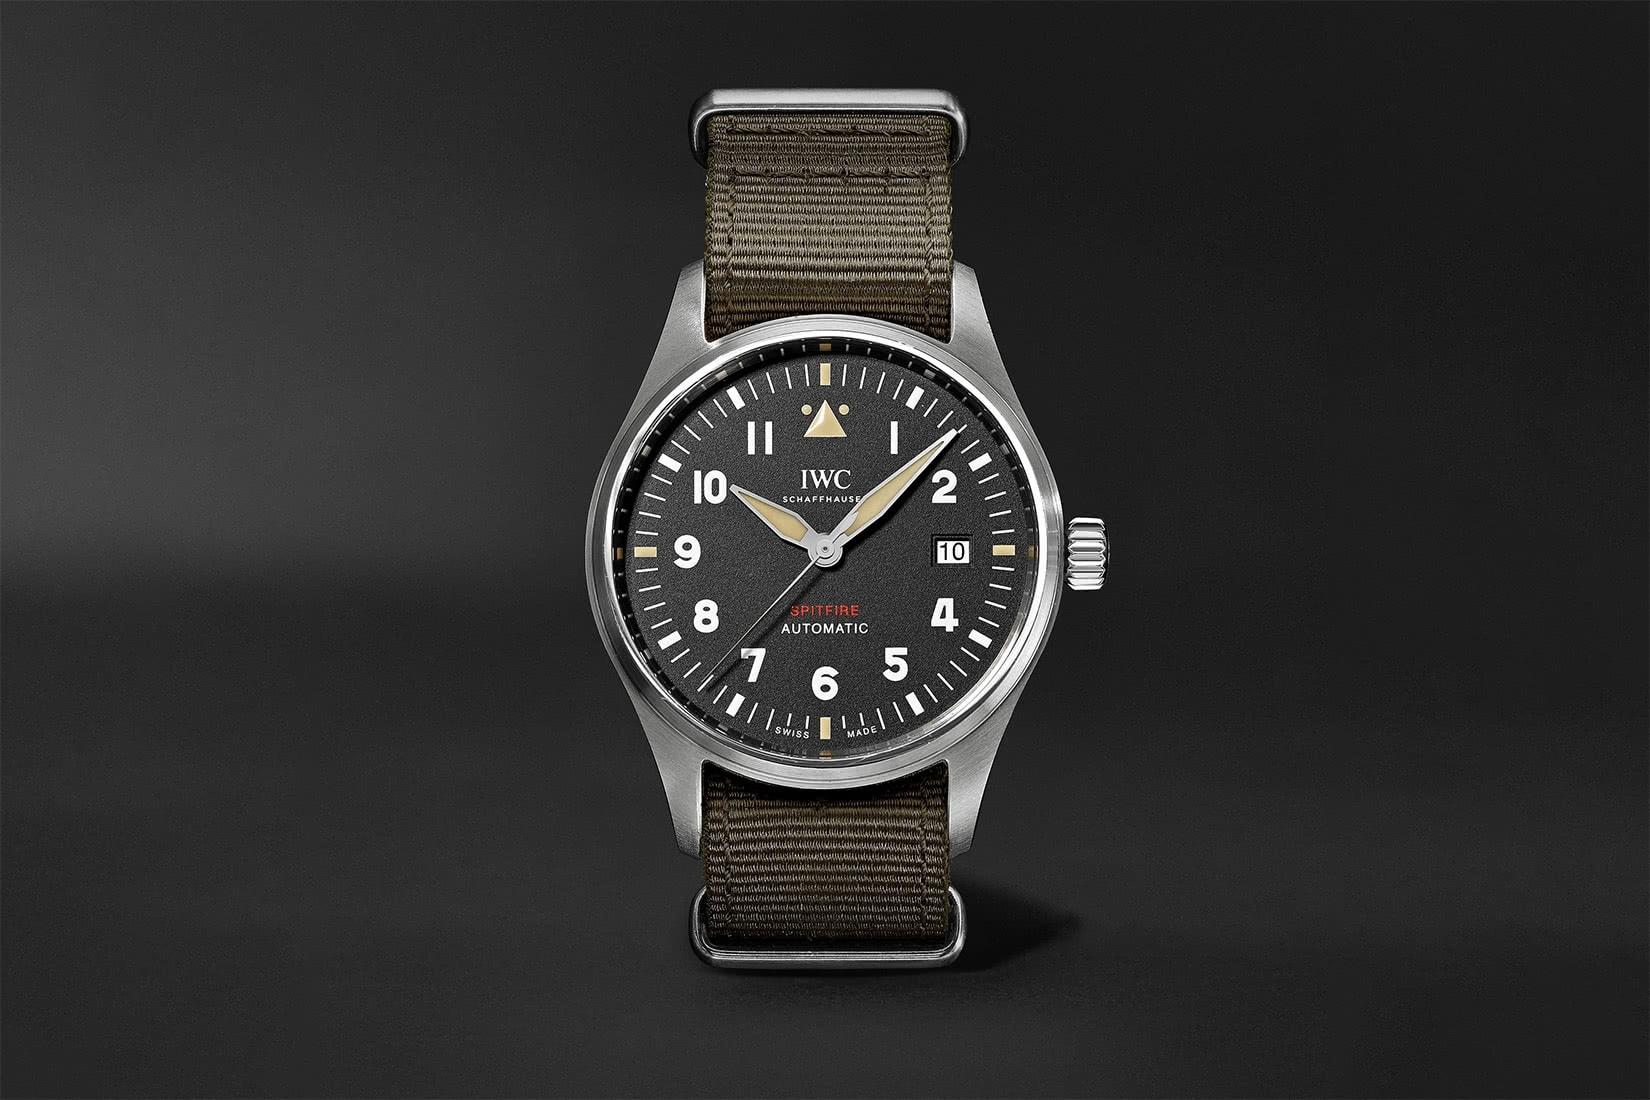 watch styles field - Luxe Digital